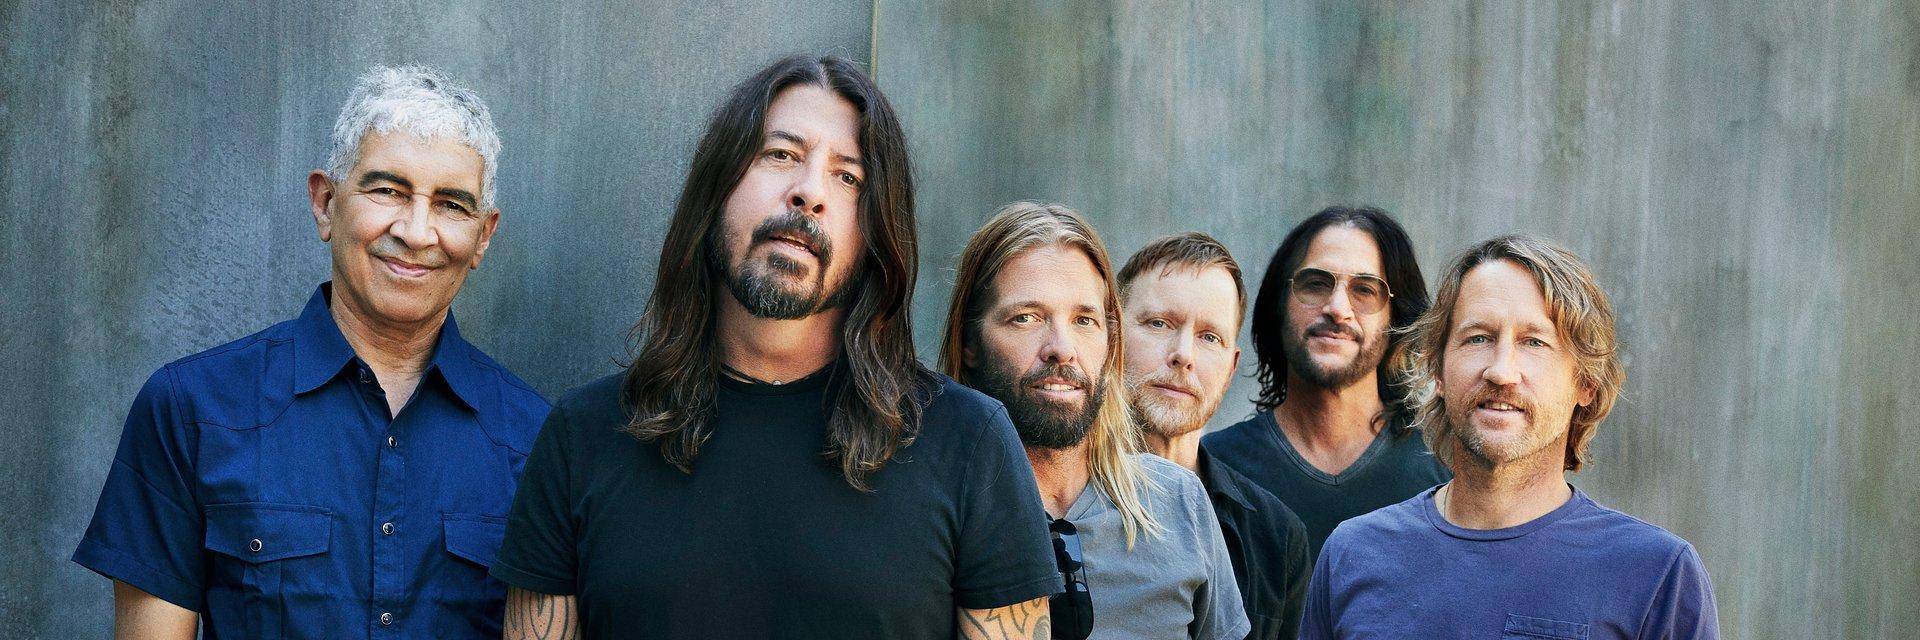 Zobacz jak Foo Fighters wspominają 25 lat swojej kariery!